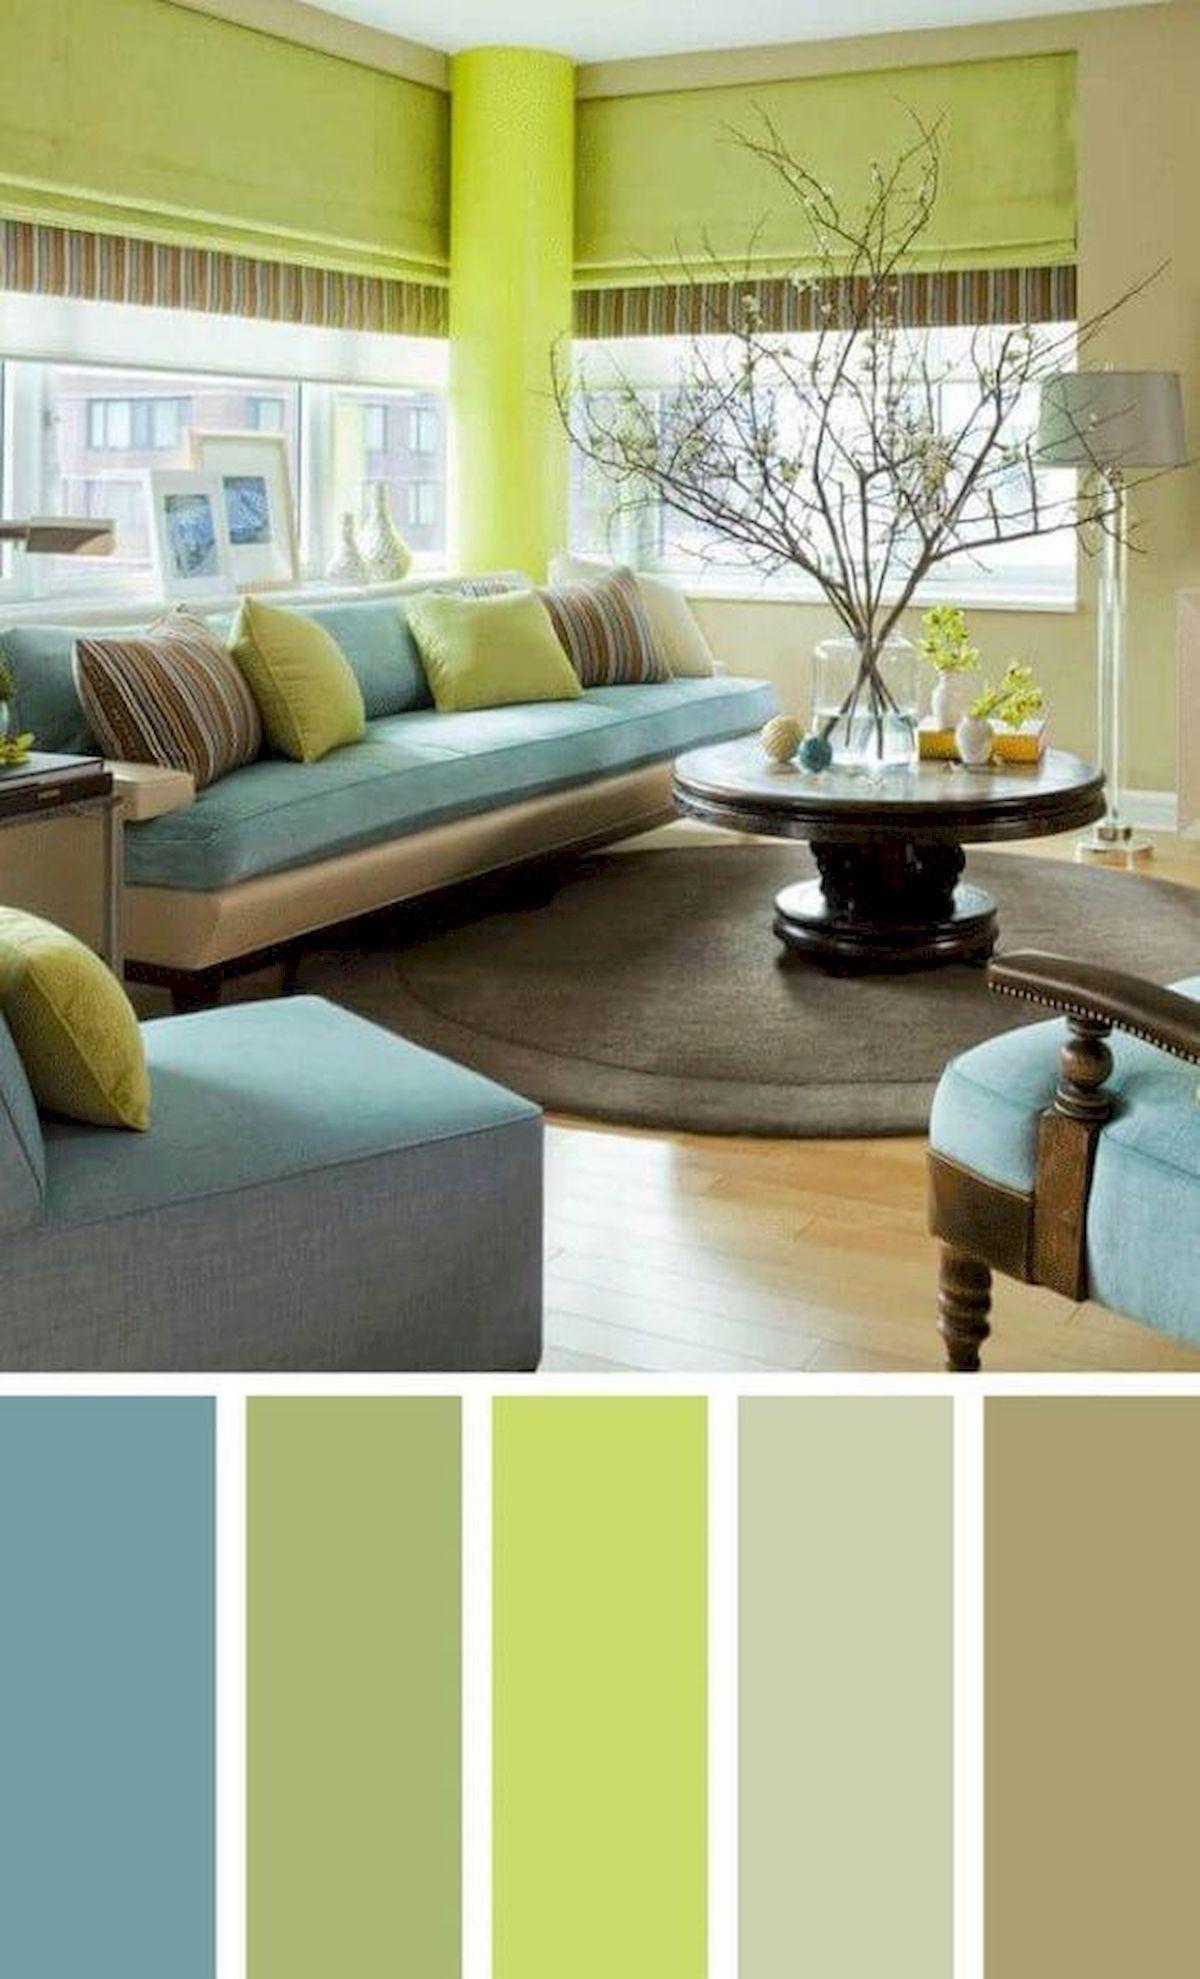 40 Gorgeous Living Room Color Schemes Ideas Livingroomcolorschemeideas Wohnzimmer Farbschema Wohnzimmer Design Diy Wohnzimmer